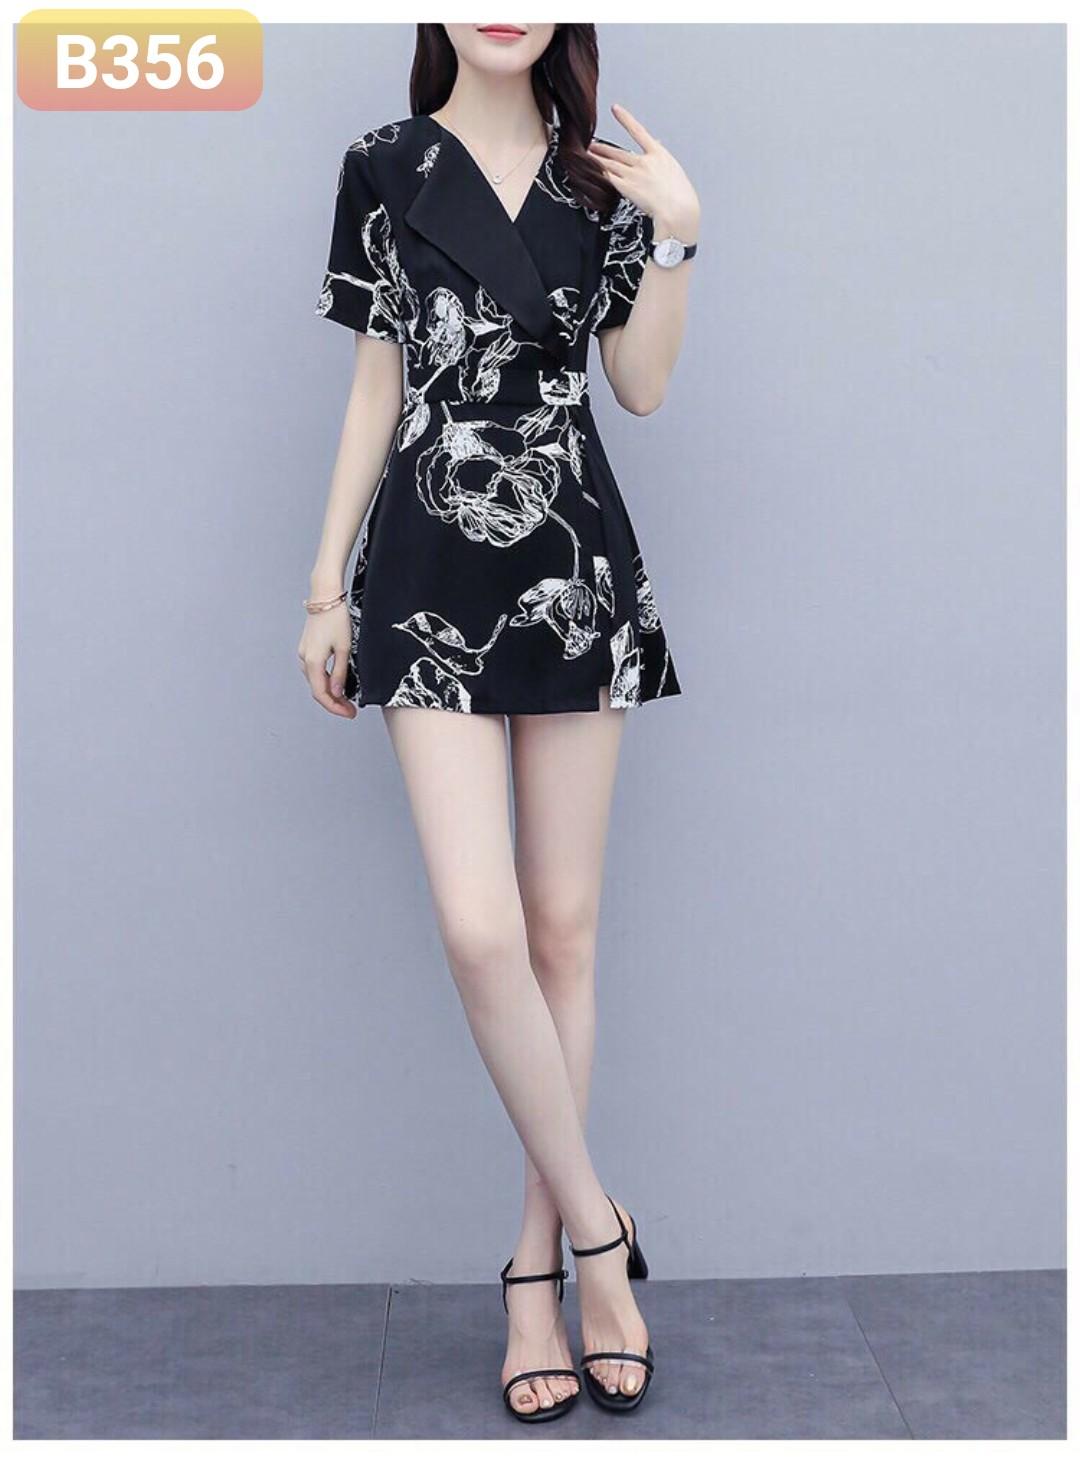 Order Váy Đầm B356 - Freesize 55kg